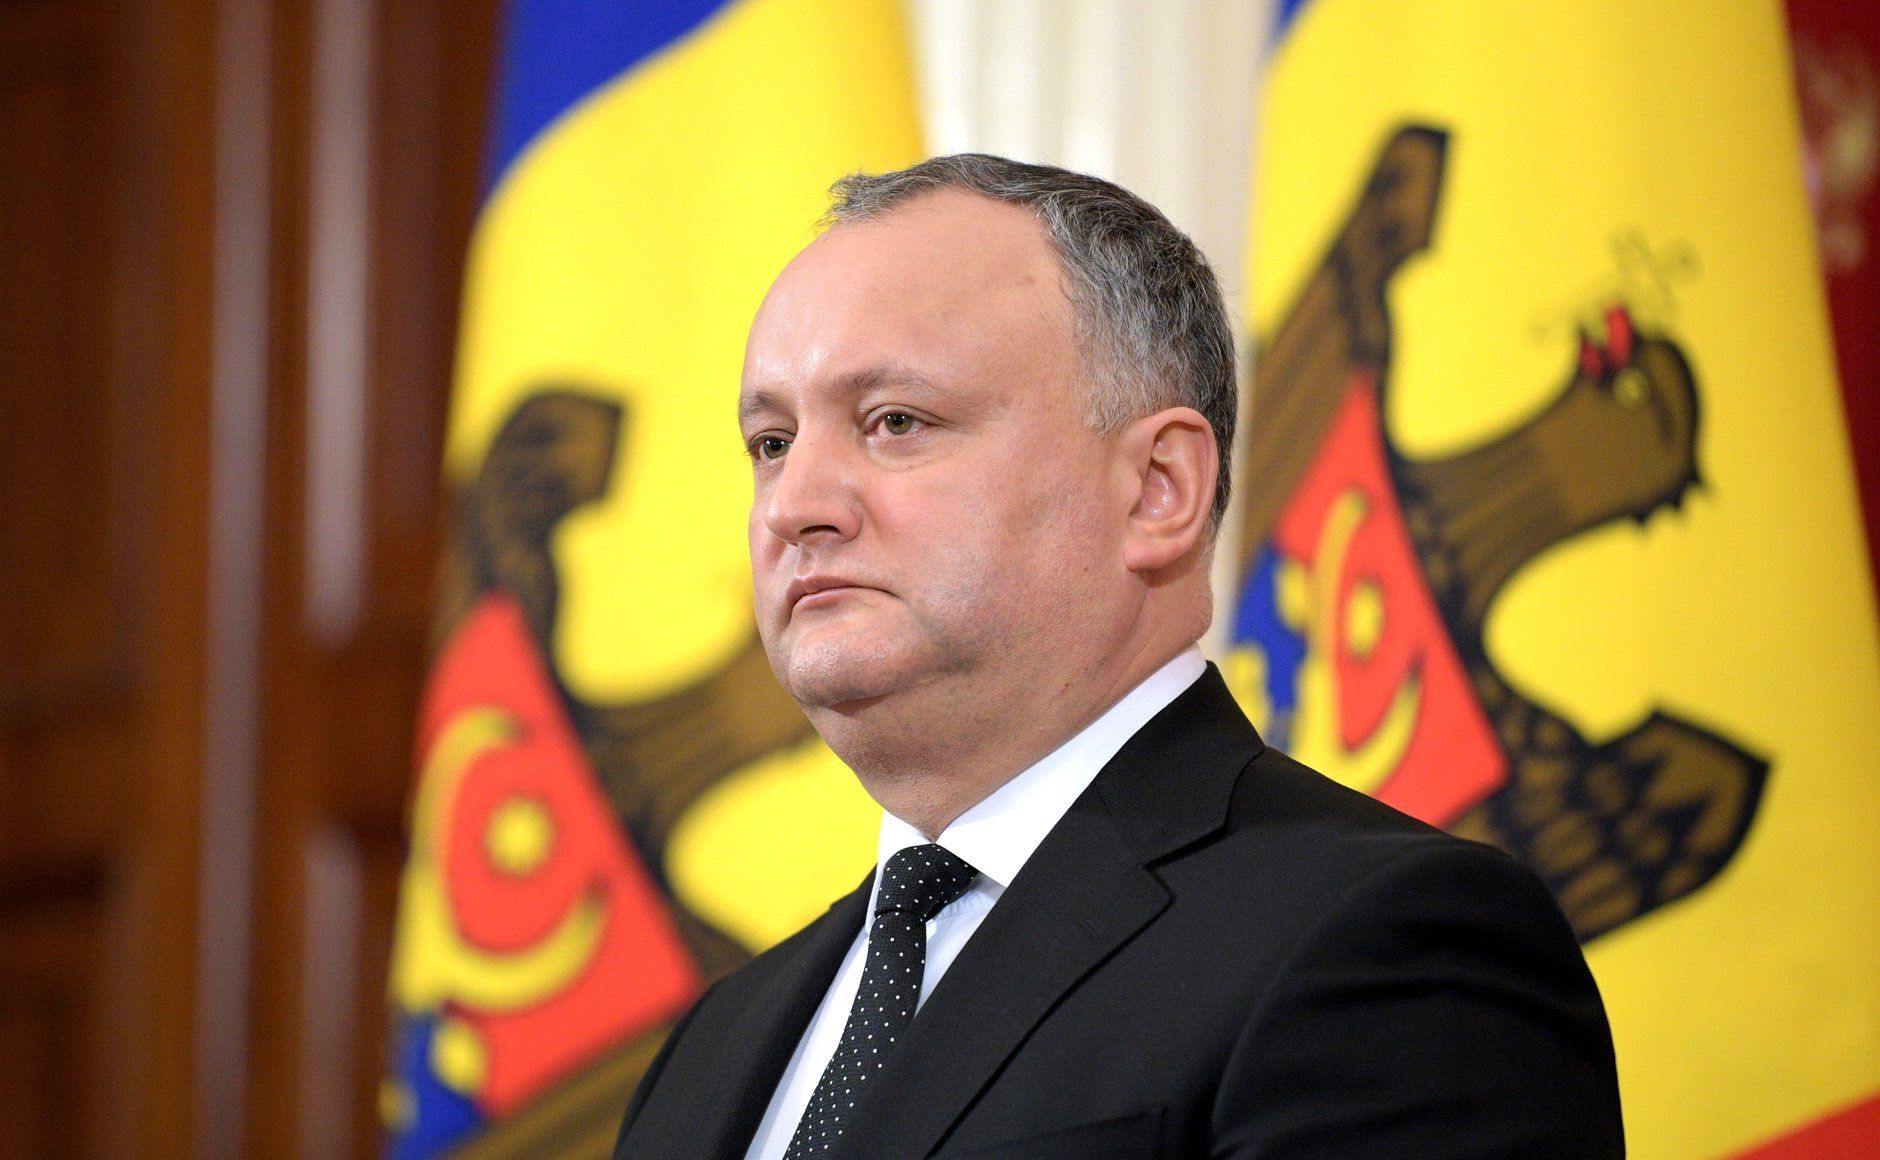 Выборы 2019 — Игорь Додон утверждает, что договорился с Владимиром Зеленским о встрече